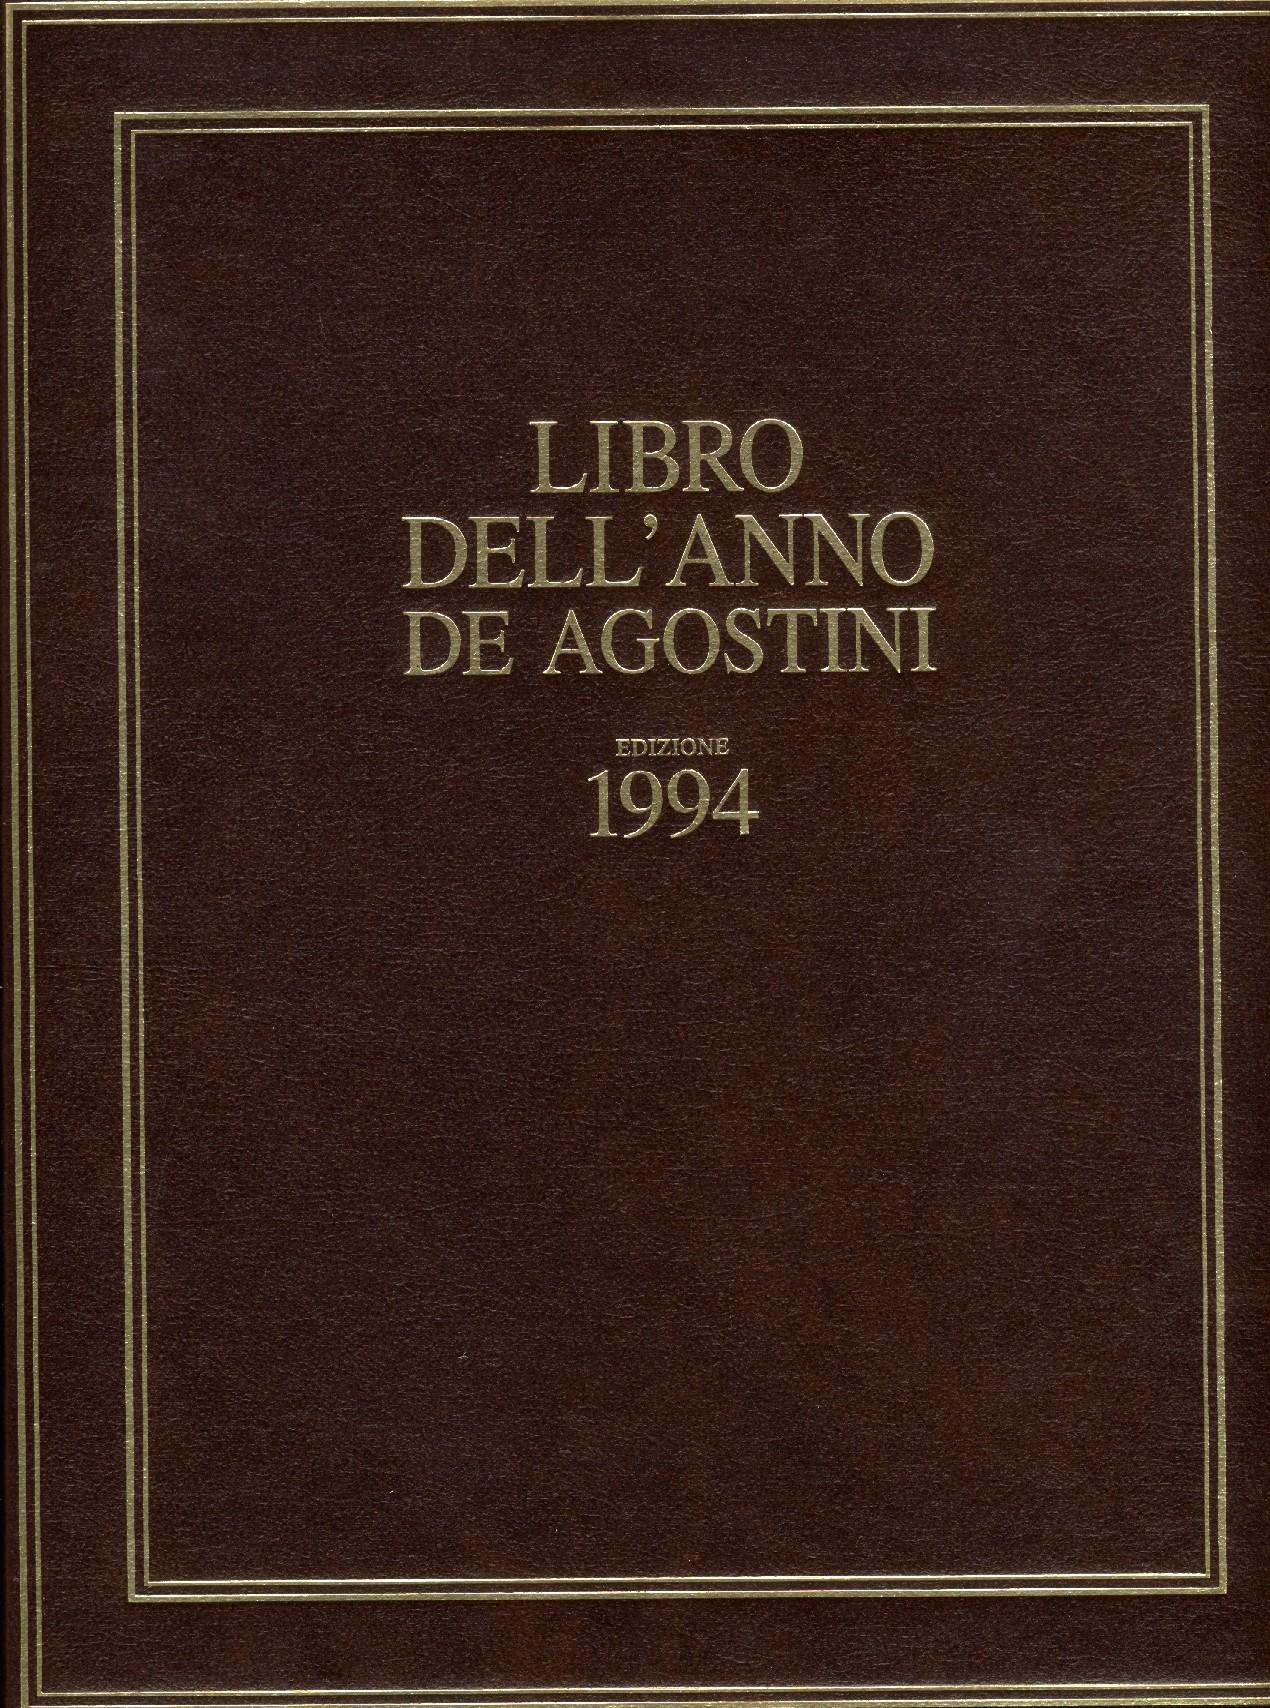 Libro dell'anno De Agostini Edizione 1994